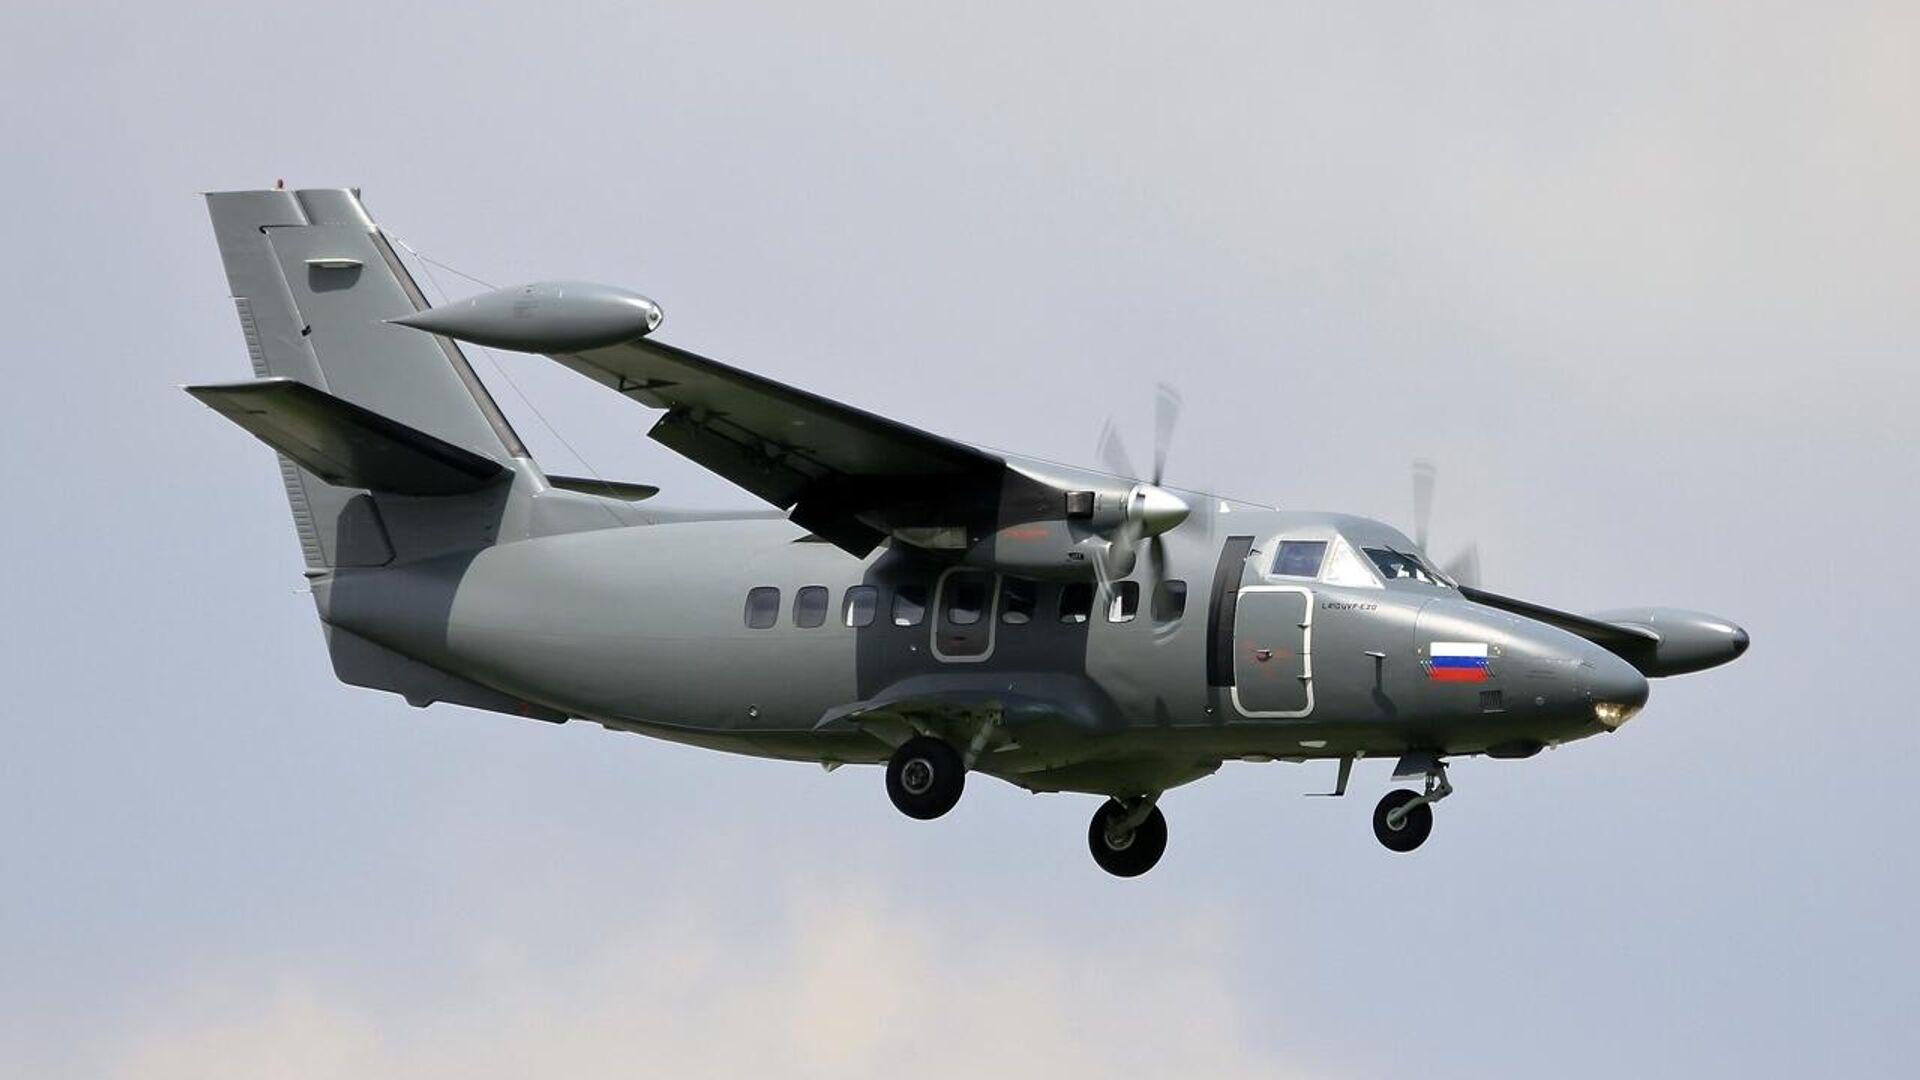 Самолет Л-410 - РИА Новости, 1920, 12.09.2021